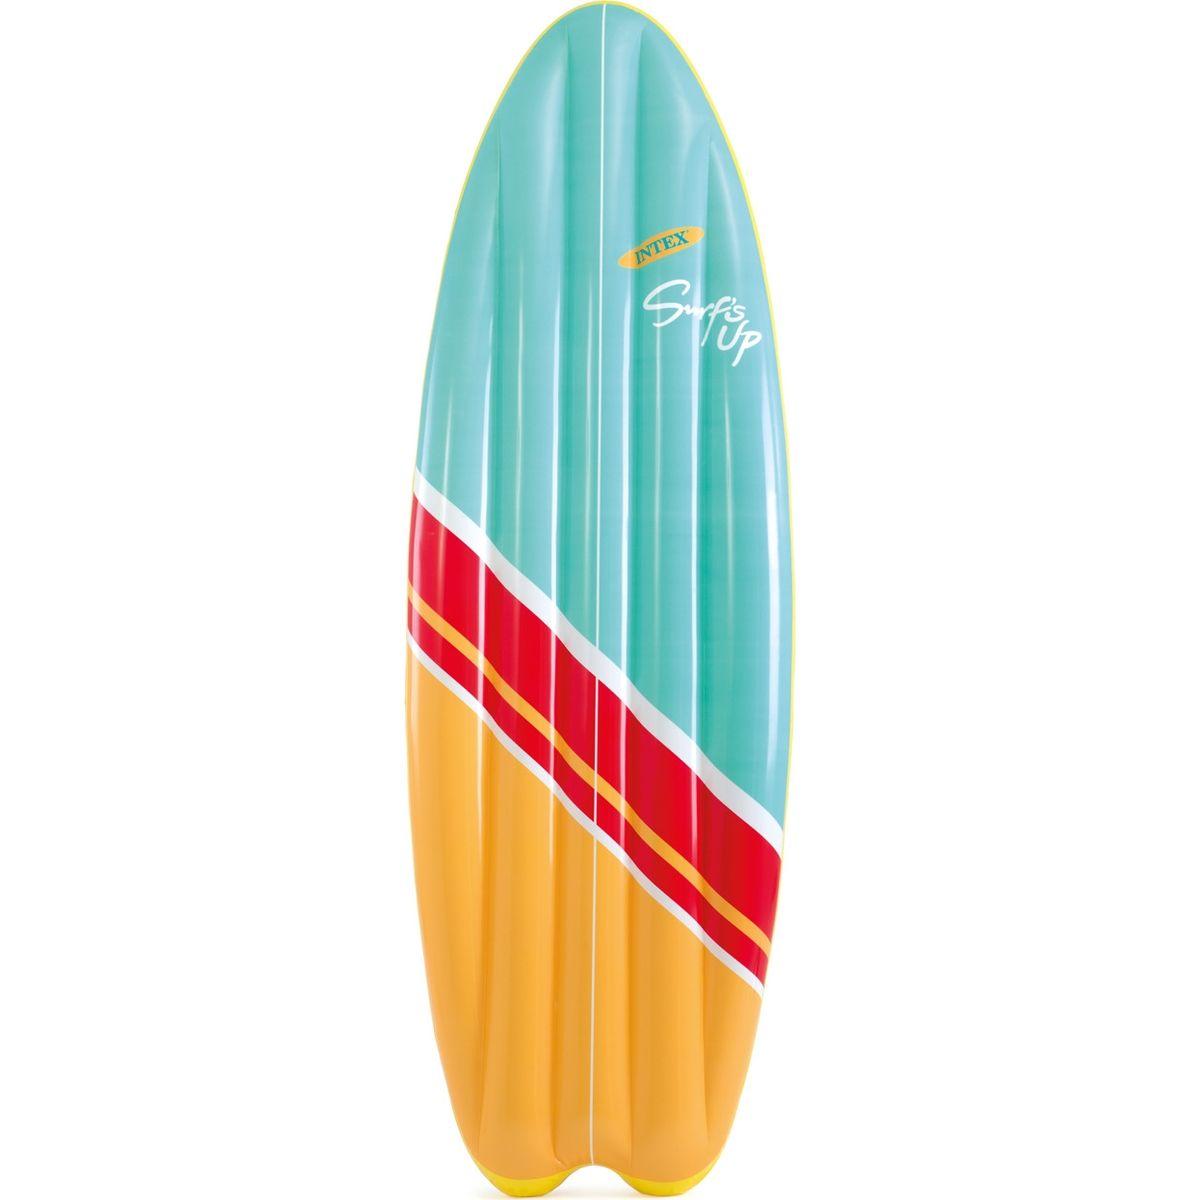 Intex 58152 Nafukovací matrace Surf barevná